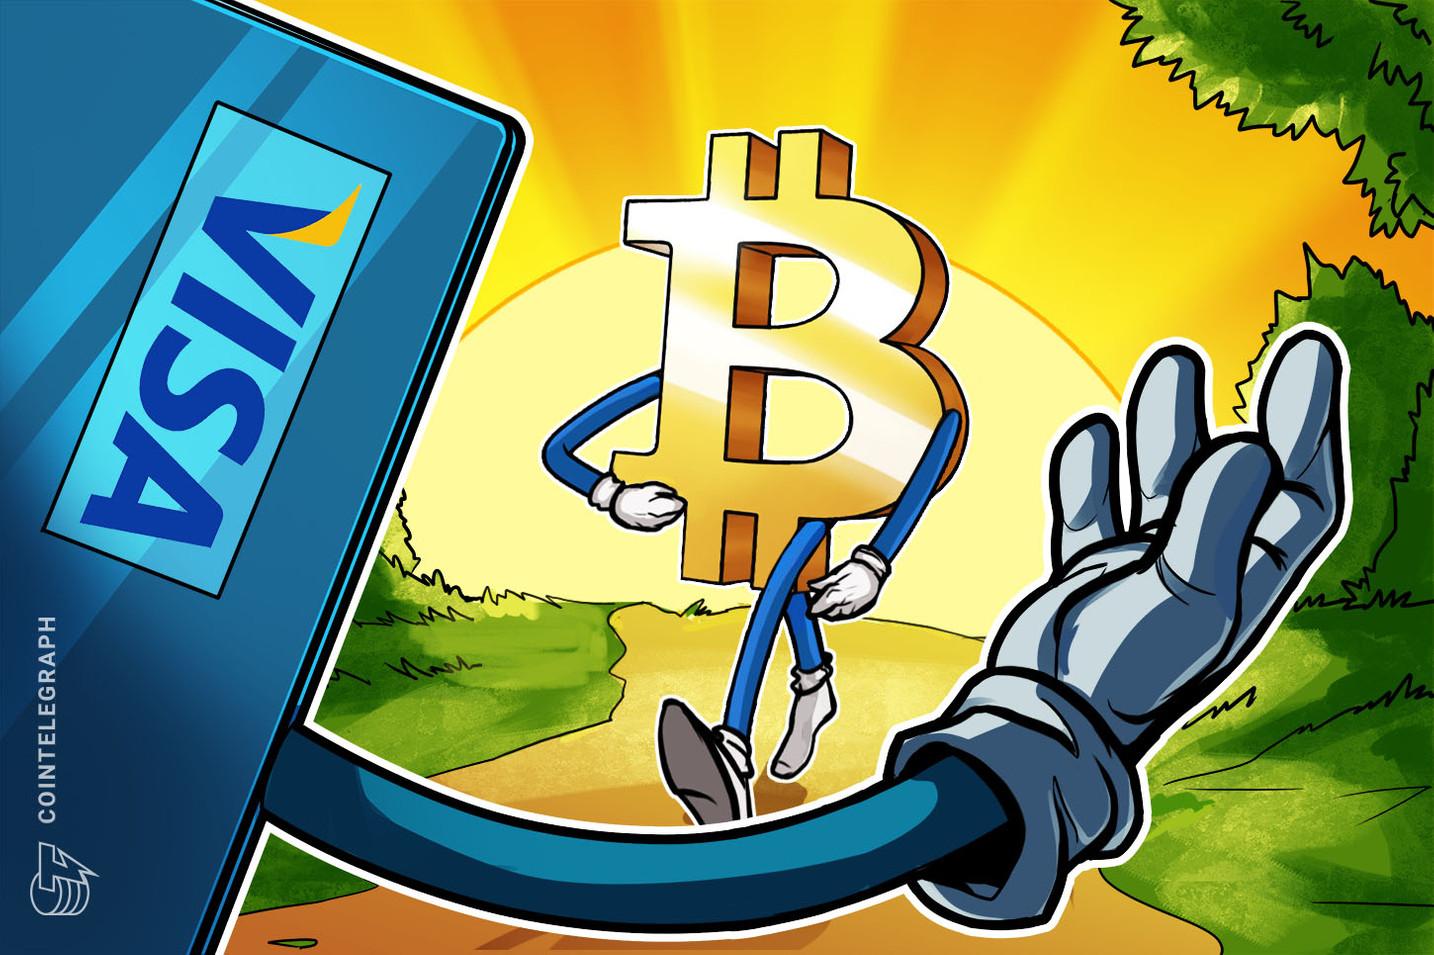 Visa y BlockFi lanzarán una tarjeta de crédito con recompensas en Bitcoin a medida que crece la adopción de las criptomonedas